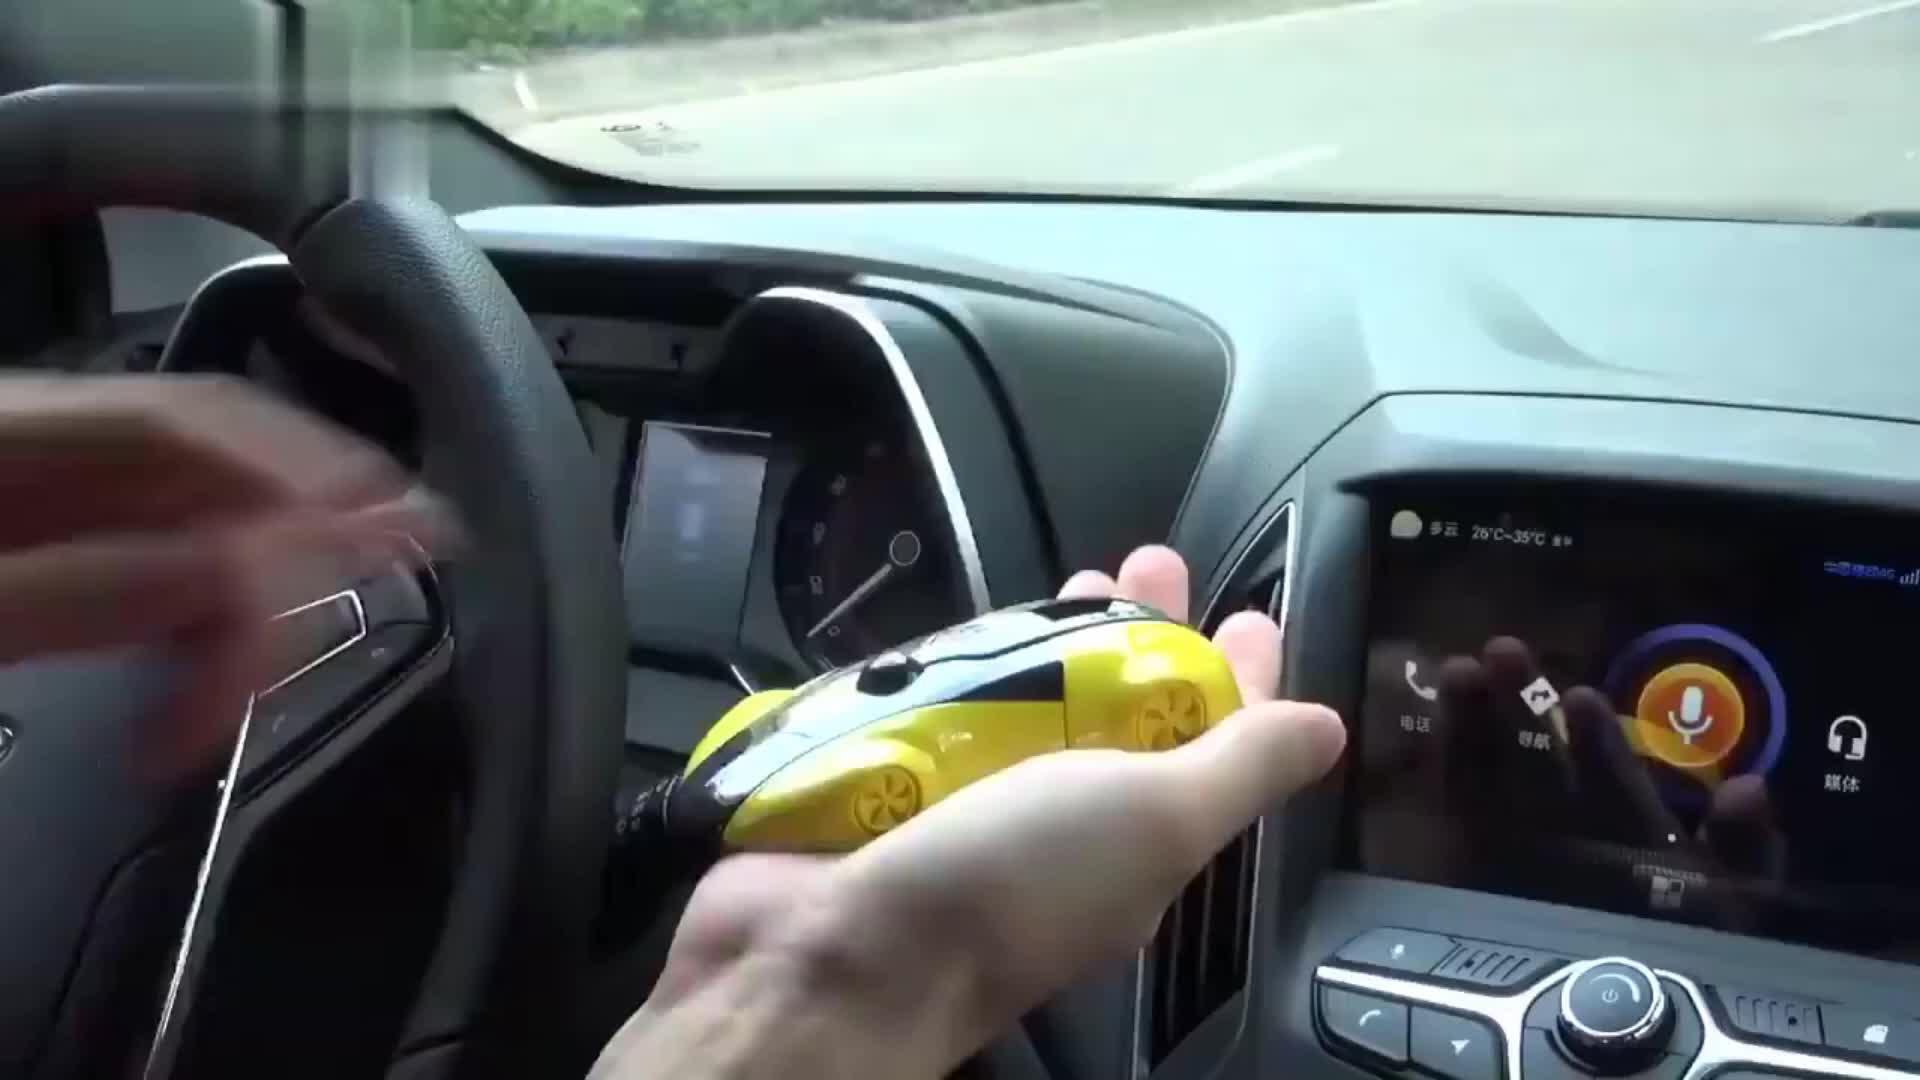 רכב בוטים המכונית סוגר מכונית ספורט דגם מגנט סוגר אוויר Vent הר 360 תואר עבור טלפון מחזיק